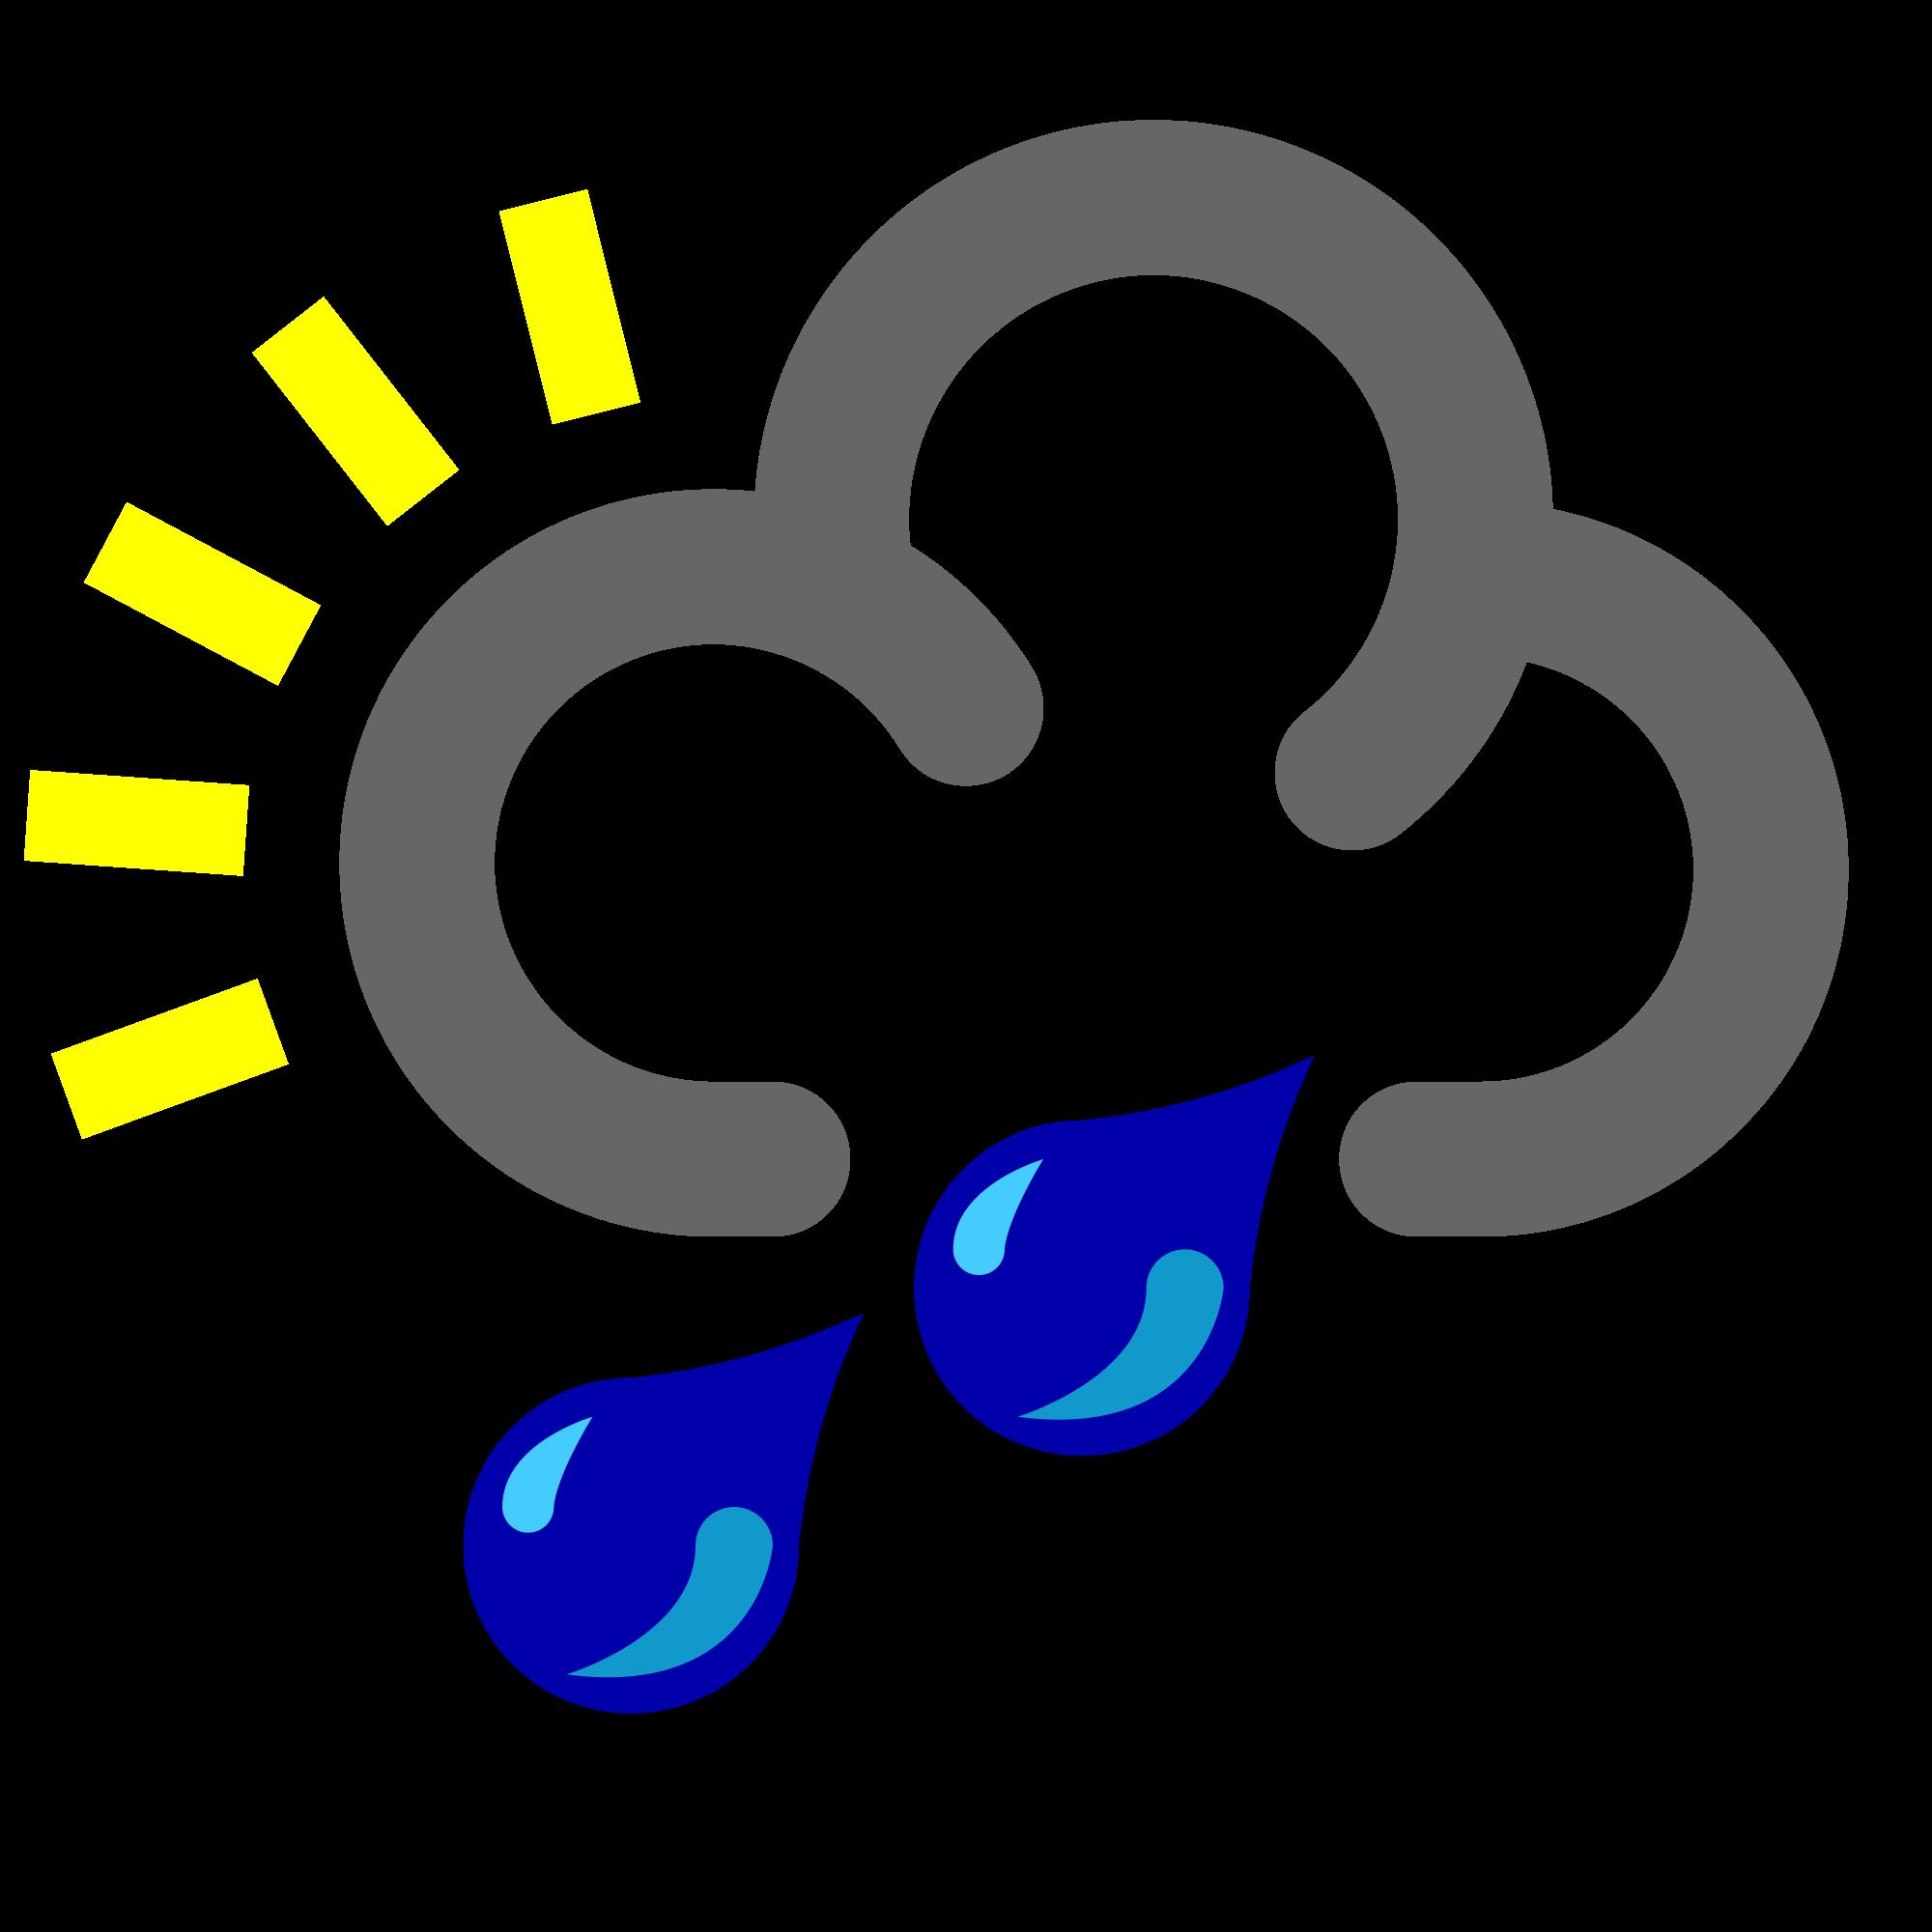 Showering clipart rain drops. File heavy shower transparent